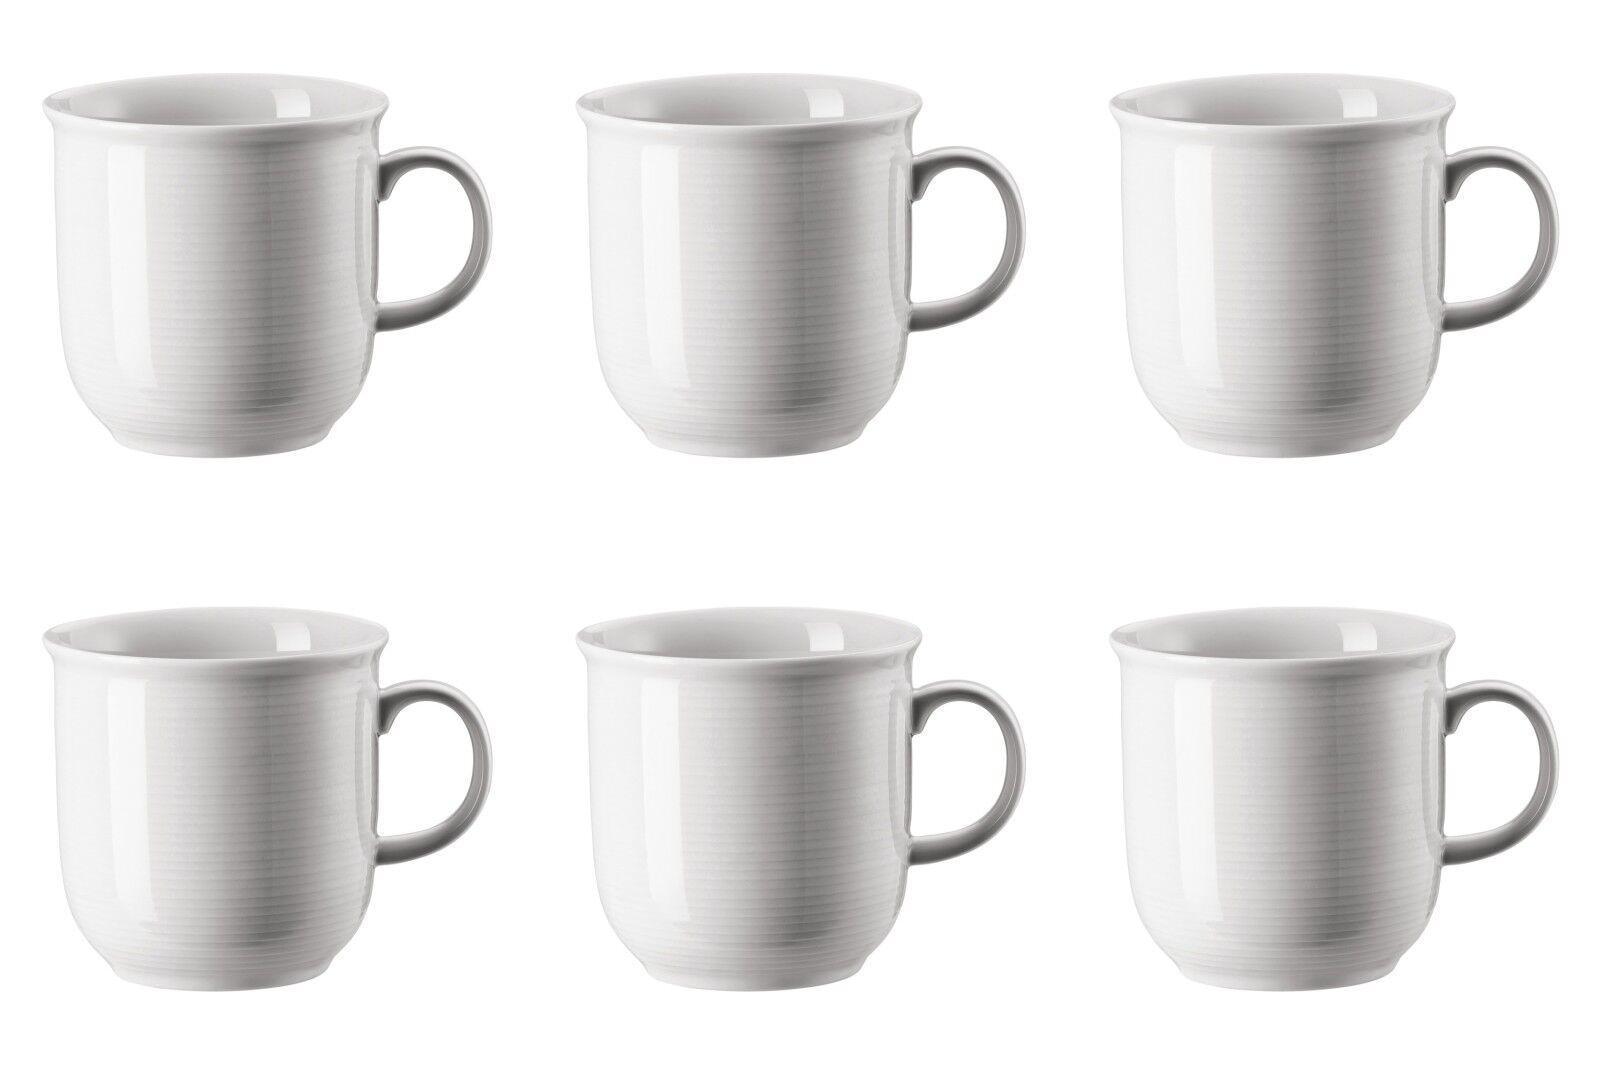 6 x Becher mit Henkel groß - Thomas Trend Weiß - 15571 - 0,36 l - Kaffee Tasse